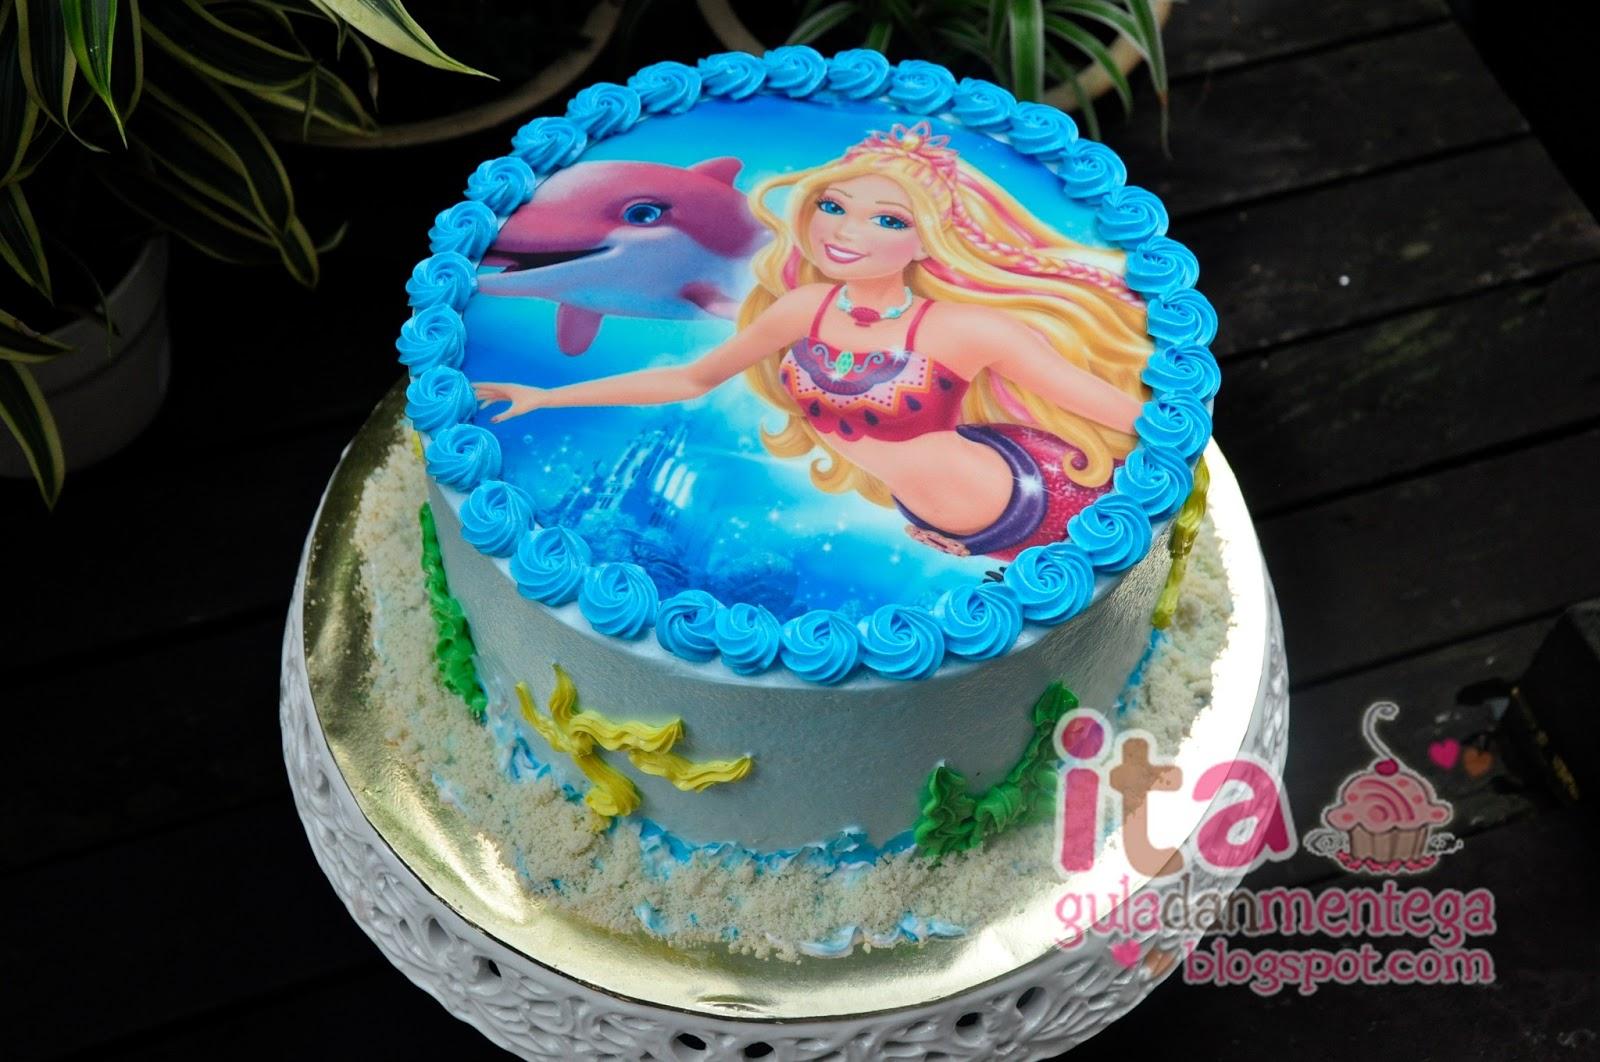 Edible Image Cake Kl : Gula Dan Mentega: Birthday Cake - Edible Image